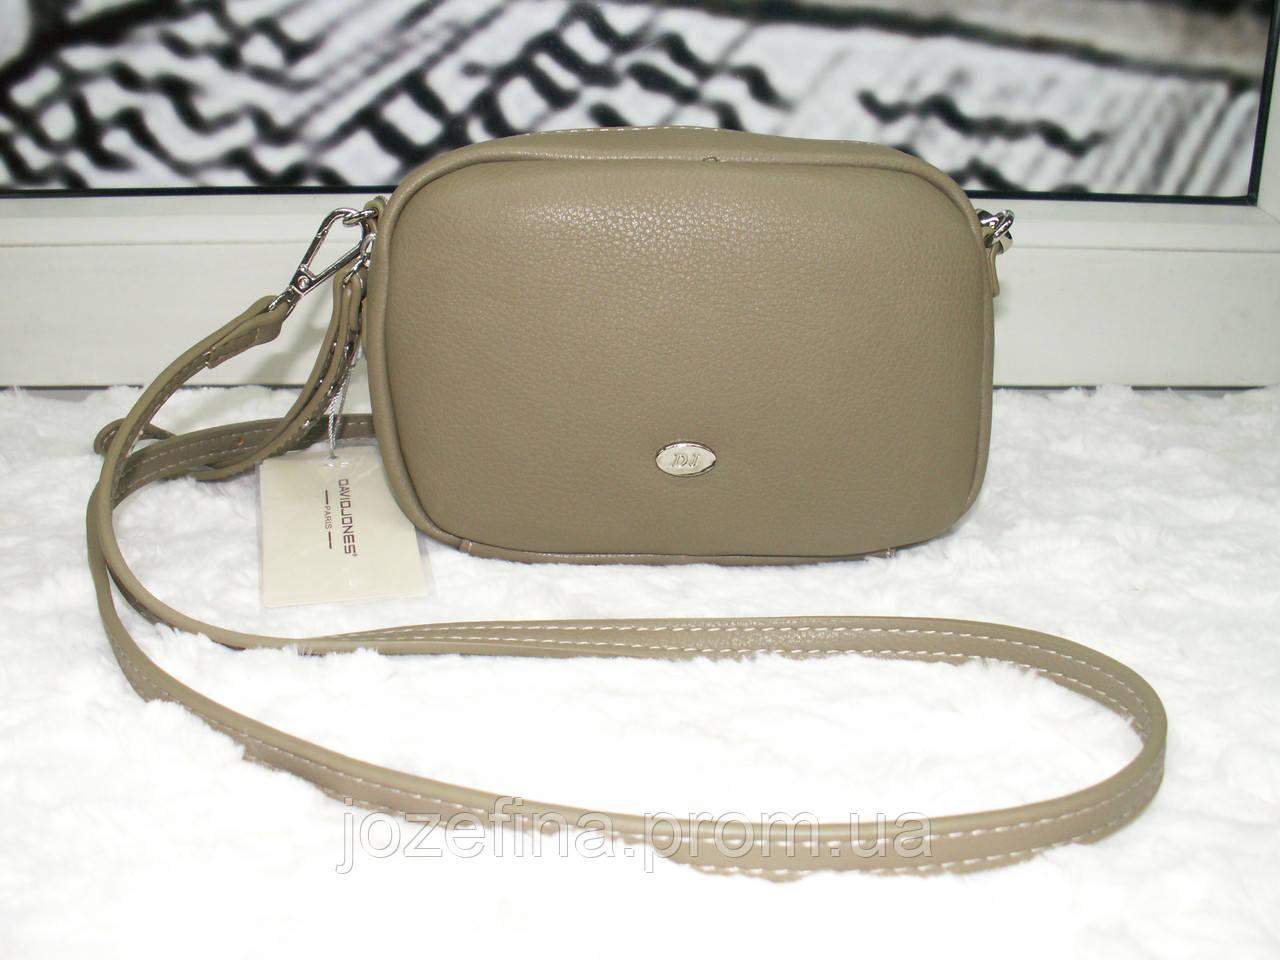 d16d61c8 Женская мини-сумка David Jones - Интернет-магазин модных сумок «Жозефина» в